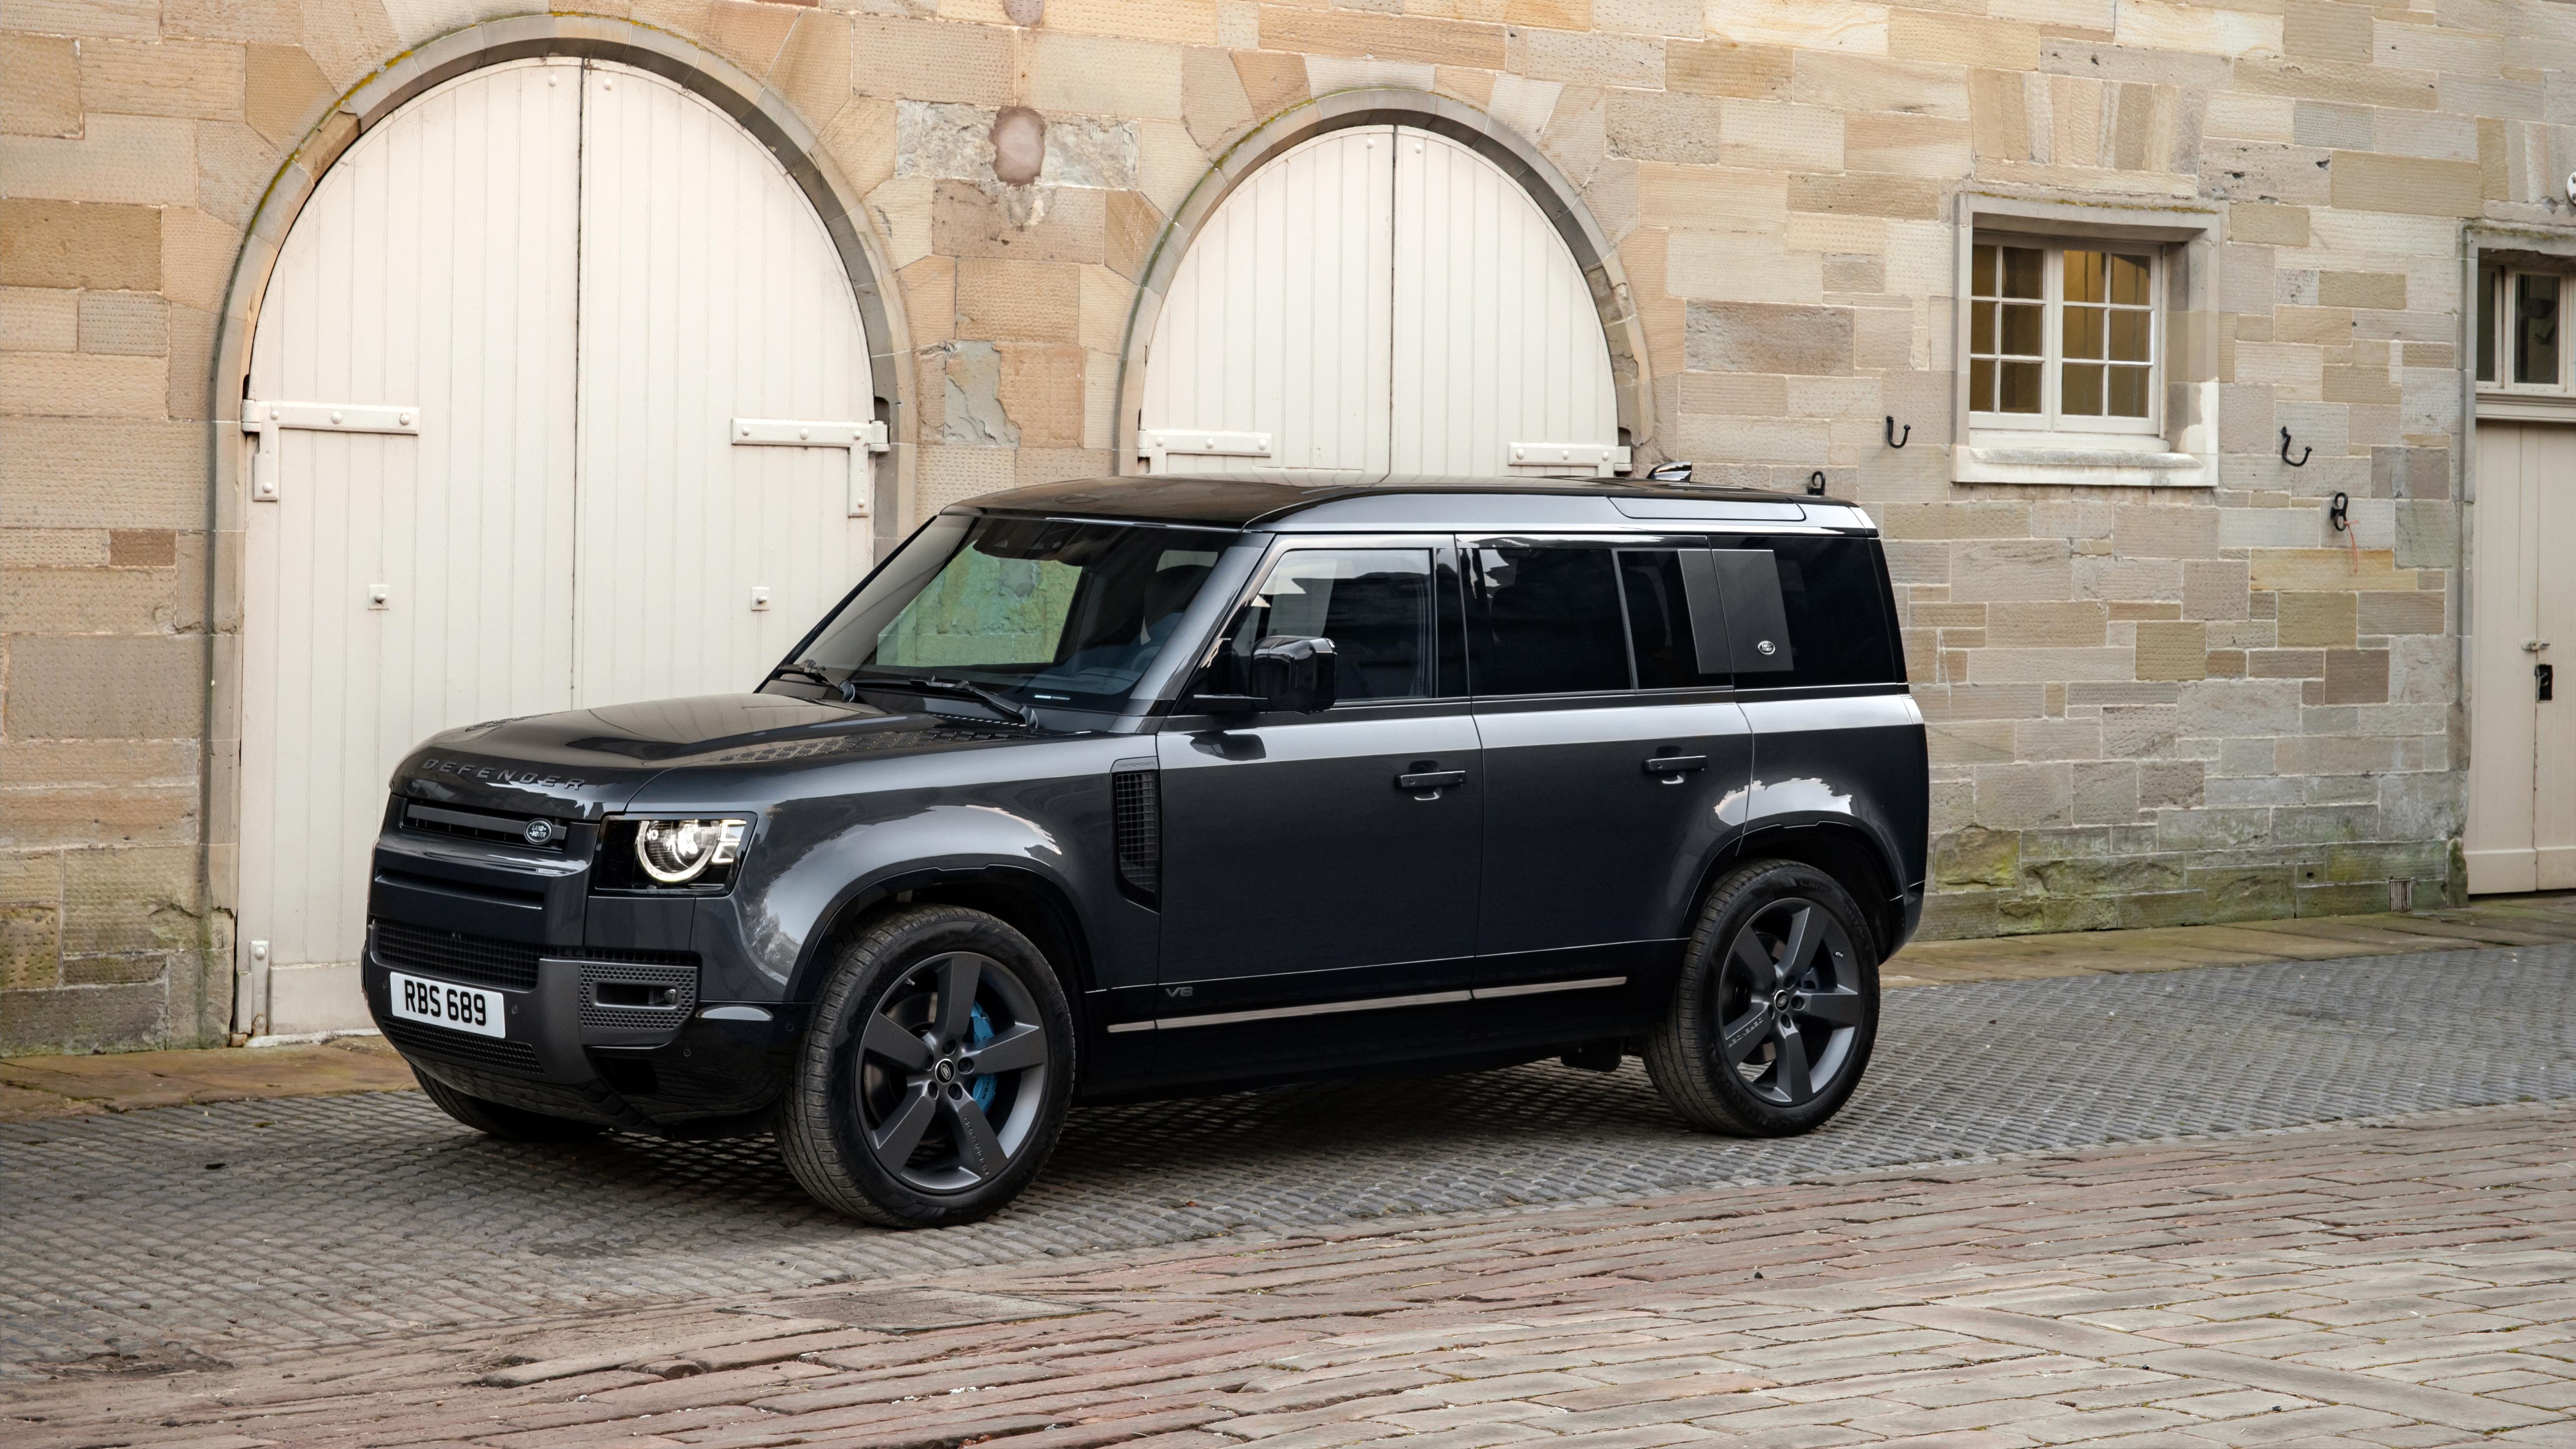 Land Rover Defender 110 V8 Carpathian Edition 2021 5k Wallpaper Hd Car Wallpapers Id 17444 2016 vorsteiner range rover v ff 102